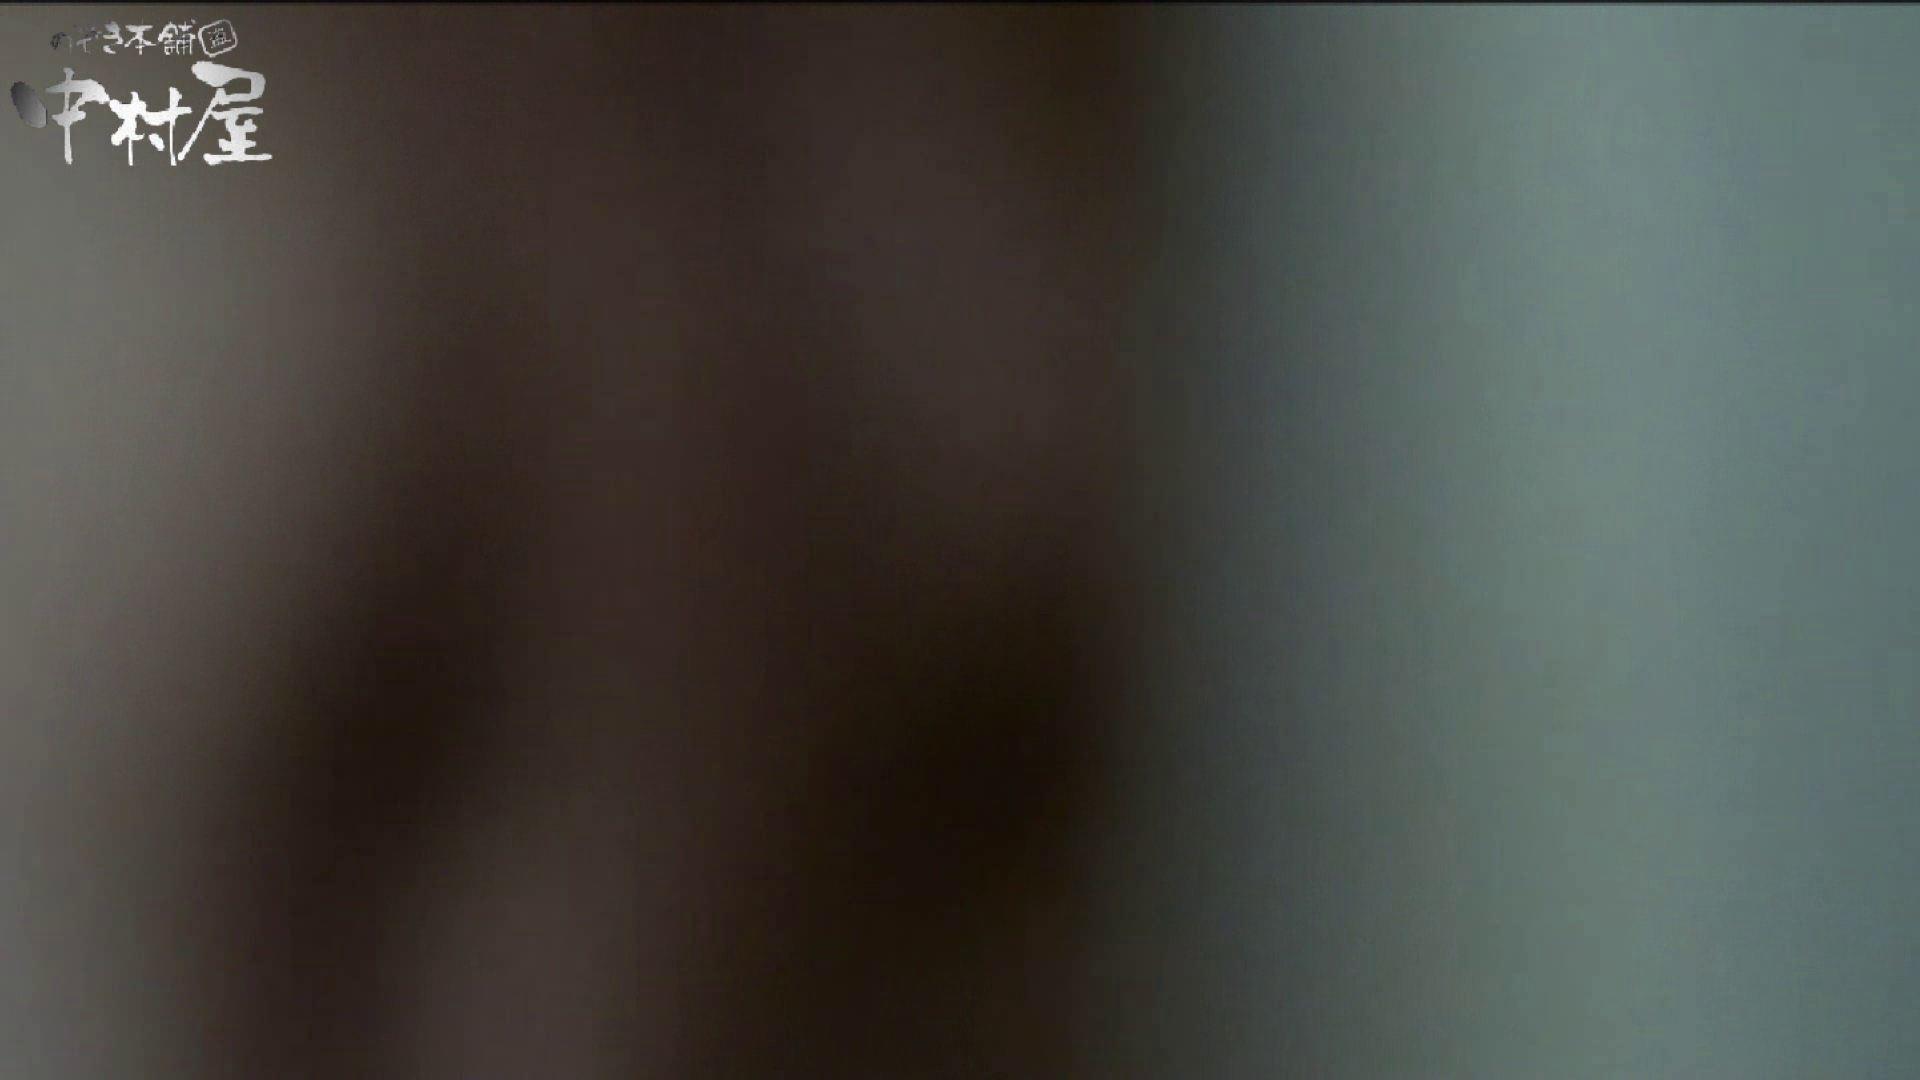 貸切露天 発情カップル! vol.02前編 入浴隠し撮り 隠し撮りオマンコ動画紹介 71pic 31